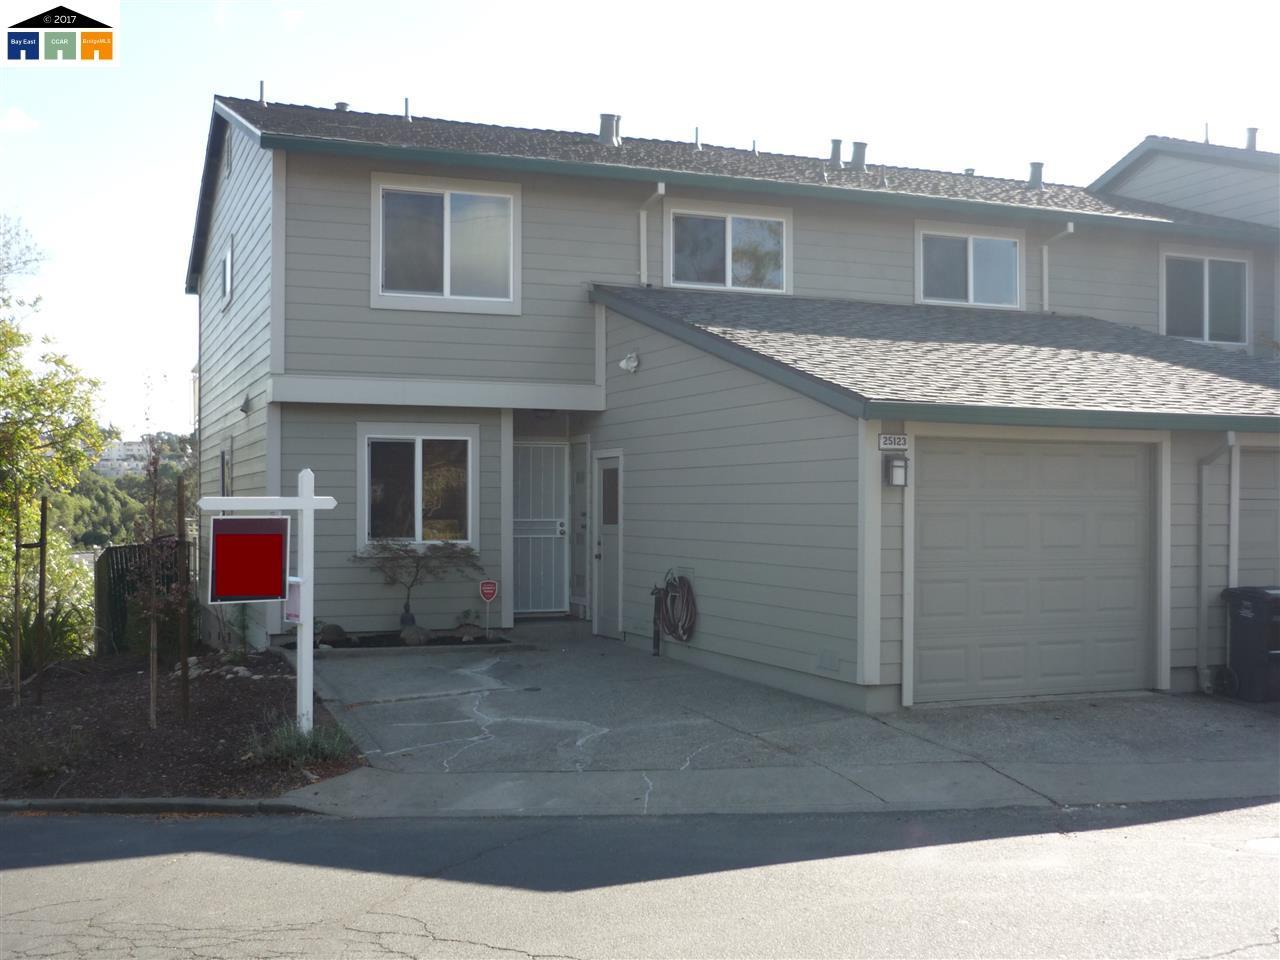 多棟聯建住宅 為 出售 在 25123 Oakridge Court 25123 Oakridge Court Hayward, 加利福尼亞州 94541 美國